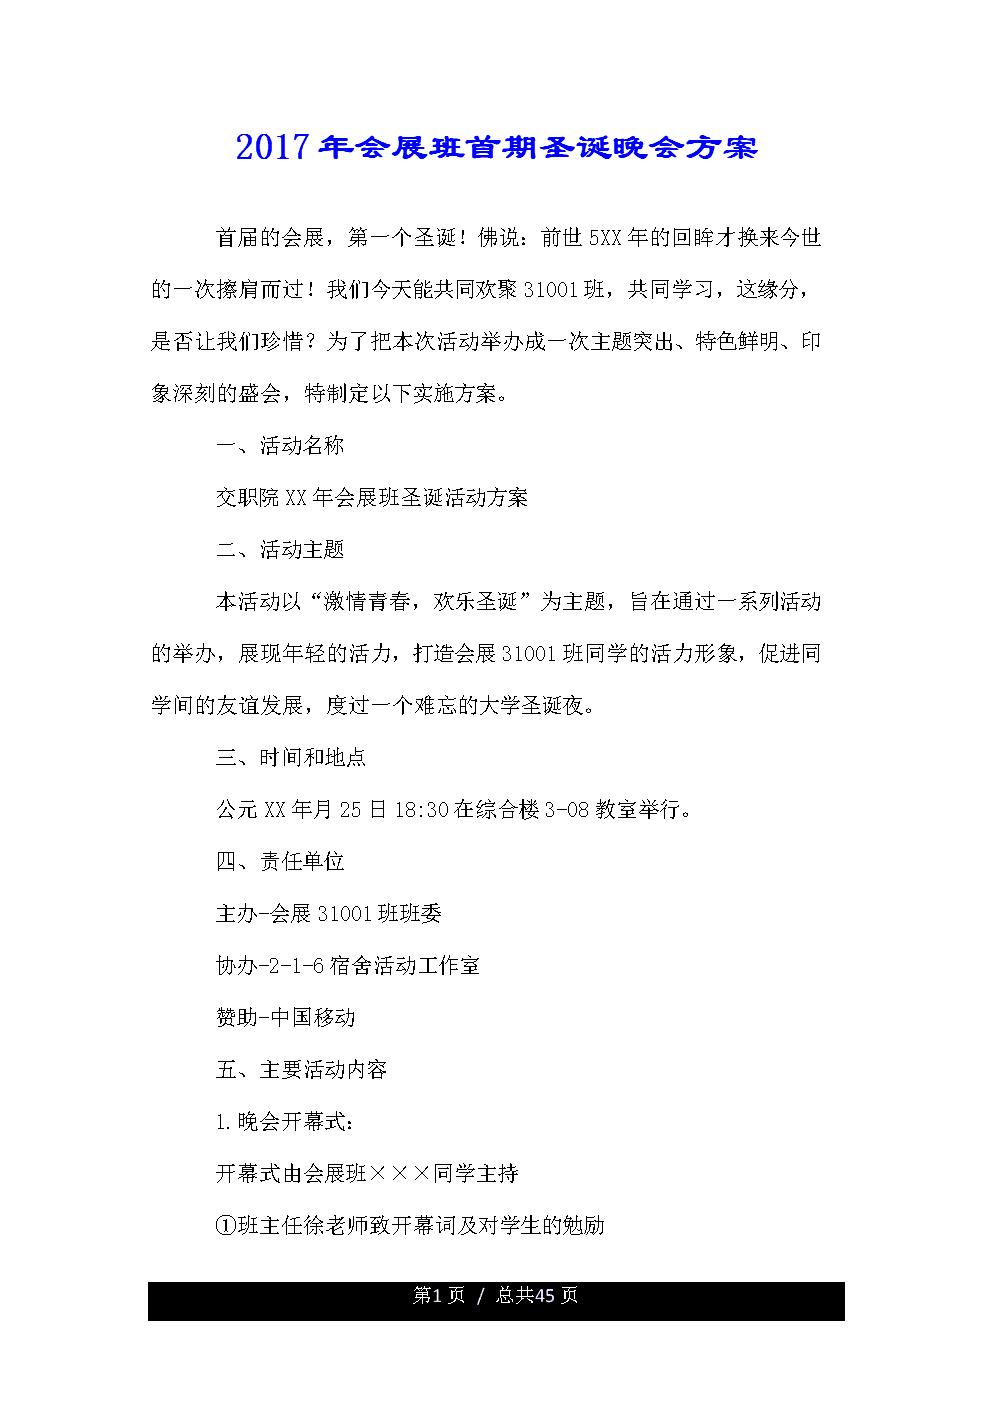 2017年会展班首期圣诞晚会设计方案.doc